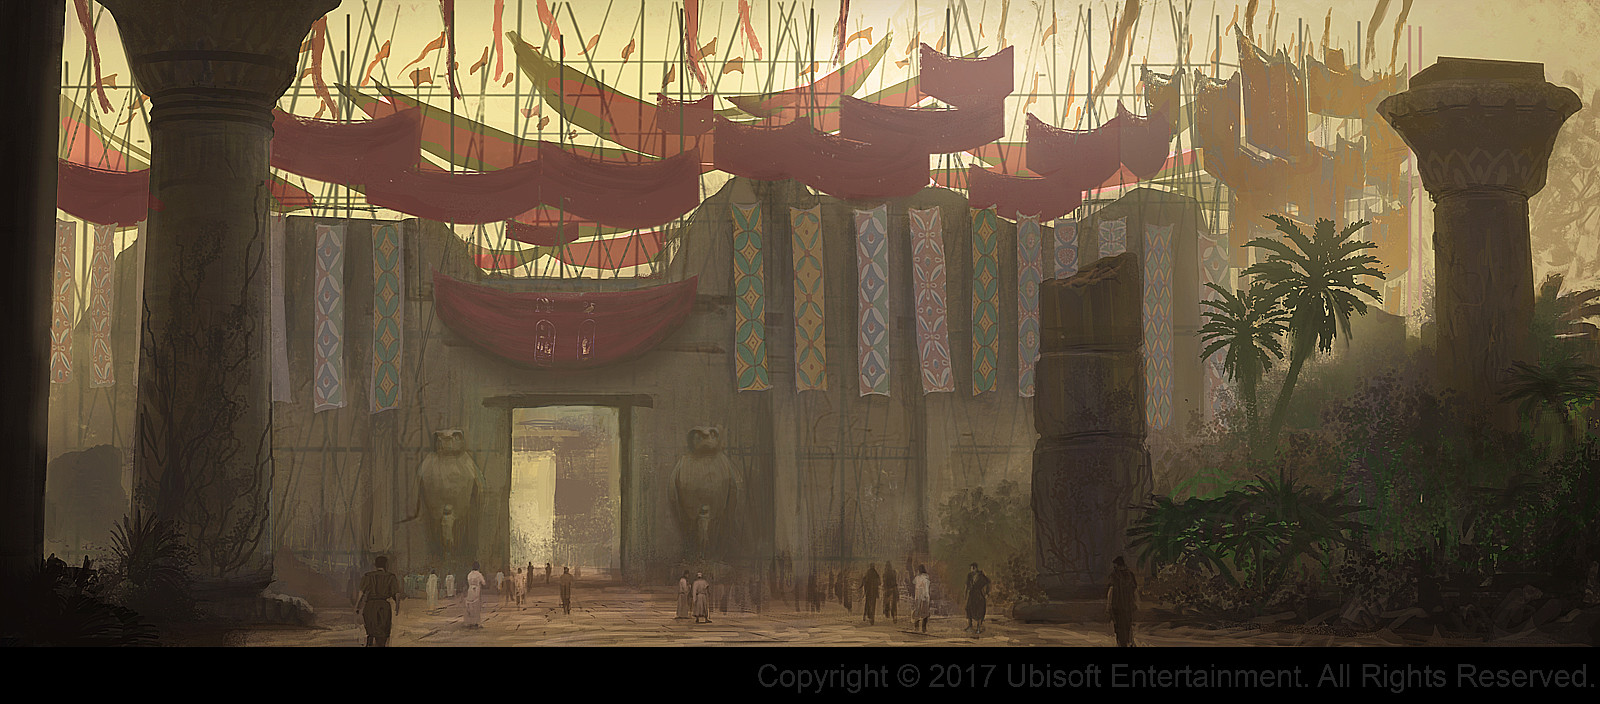 gilles-beloeil-ace-arene-crocodilopolis-entrance-color-gbeloeil.jpg